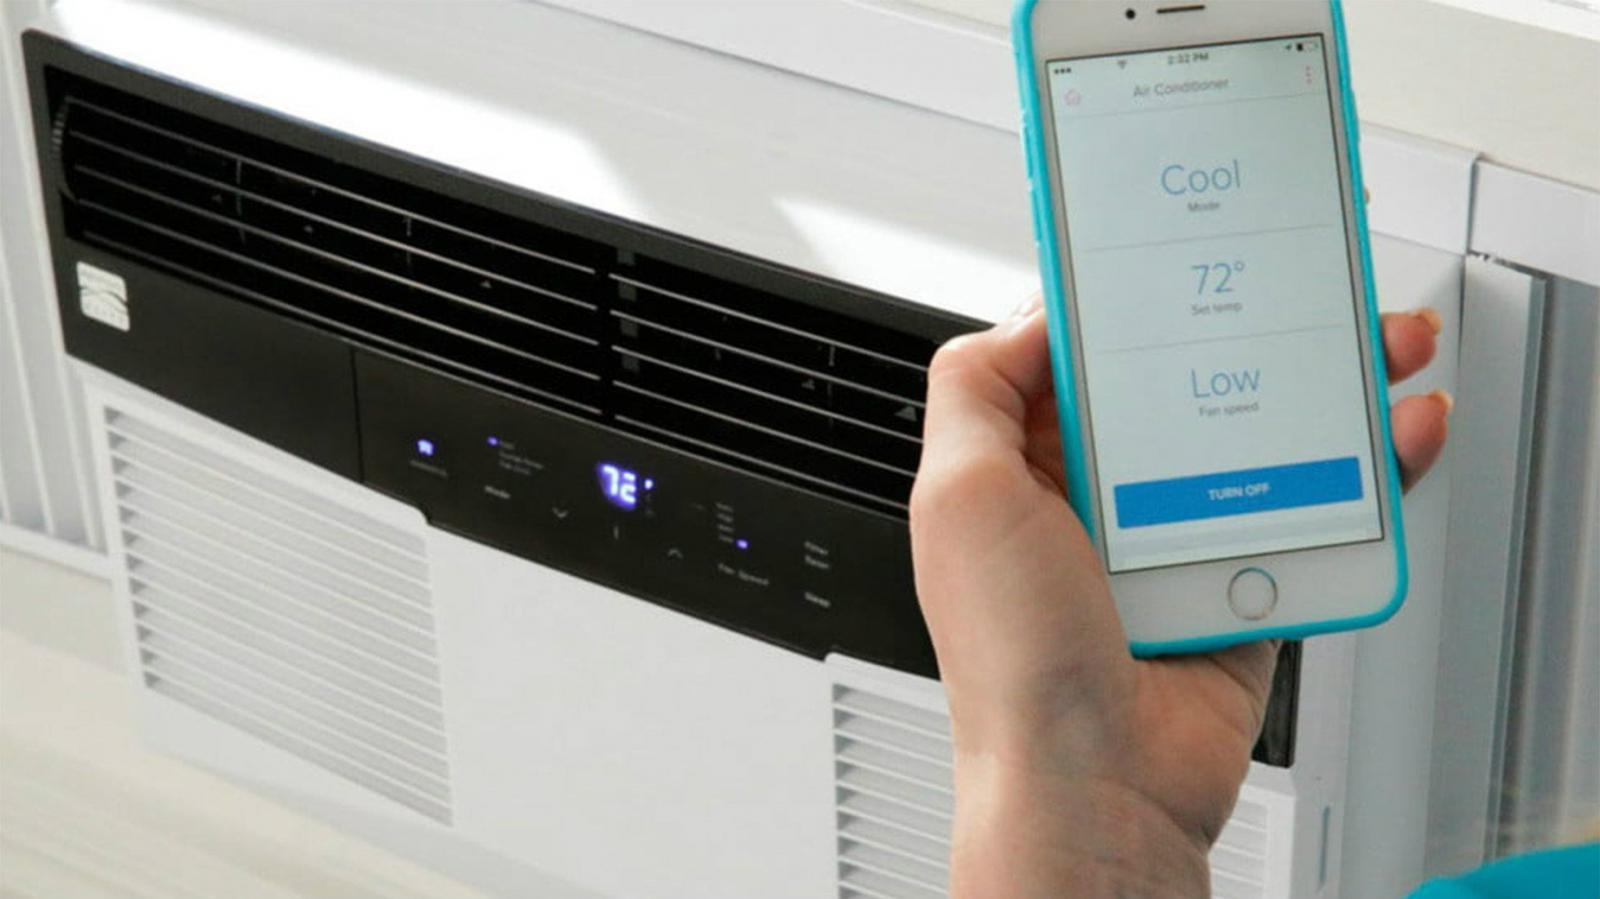 Τα κλιματιστικά τοίχου έχουν τη δυνατότητα να καλύψουν τις ανάγκες σε ευρείας κλίμακας, από πλευράς διαστάσεων, δωμάτια.